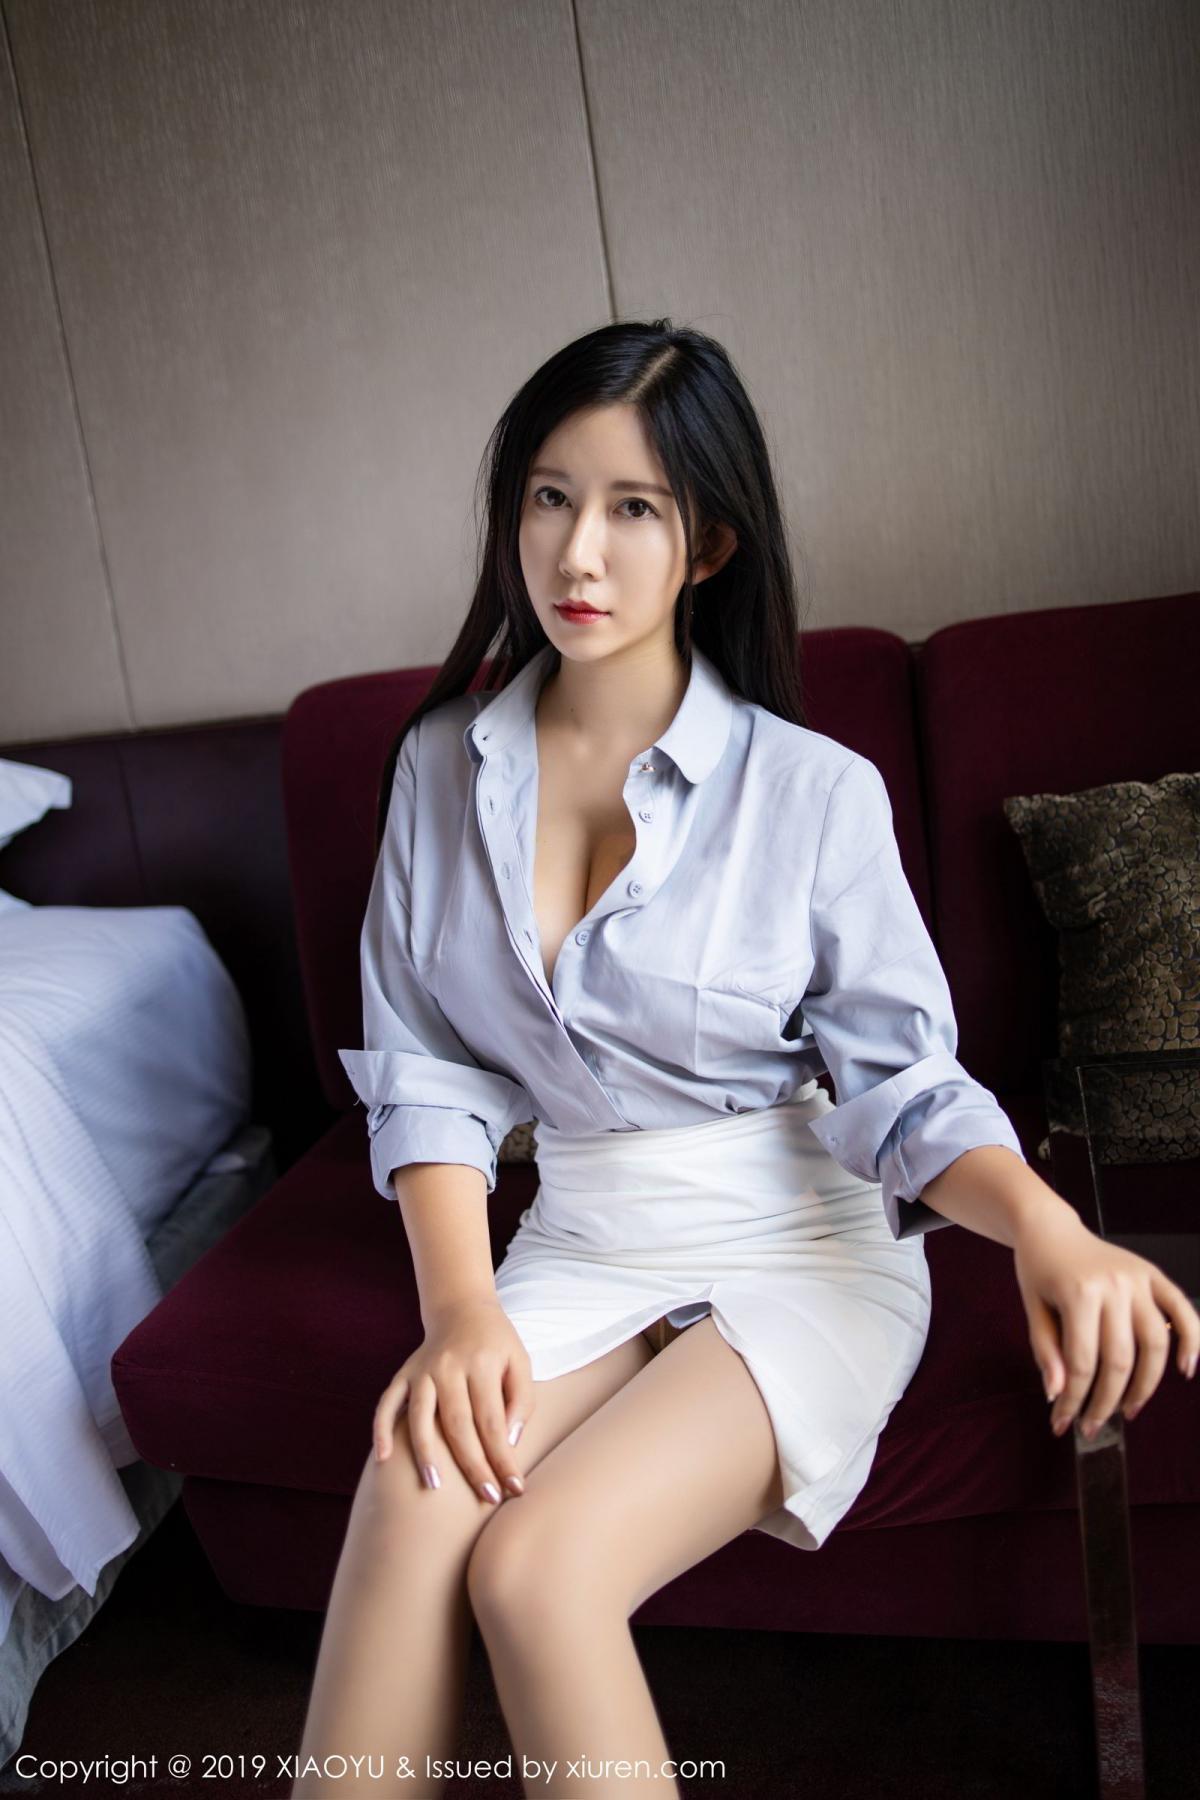 [XiaoYu] Vol.180 Li Ya 4P, Li Ya, Underwear, XiaoYu